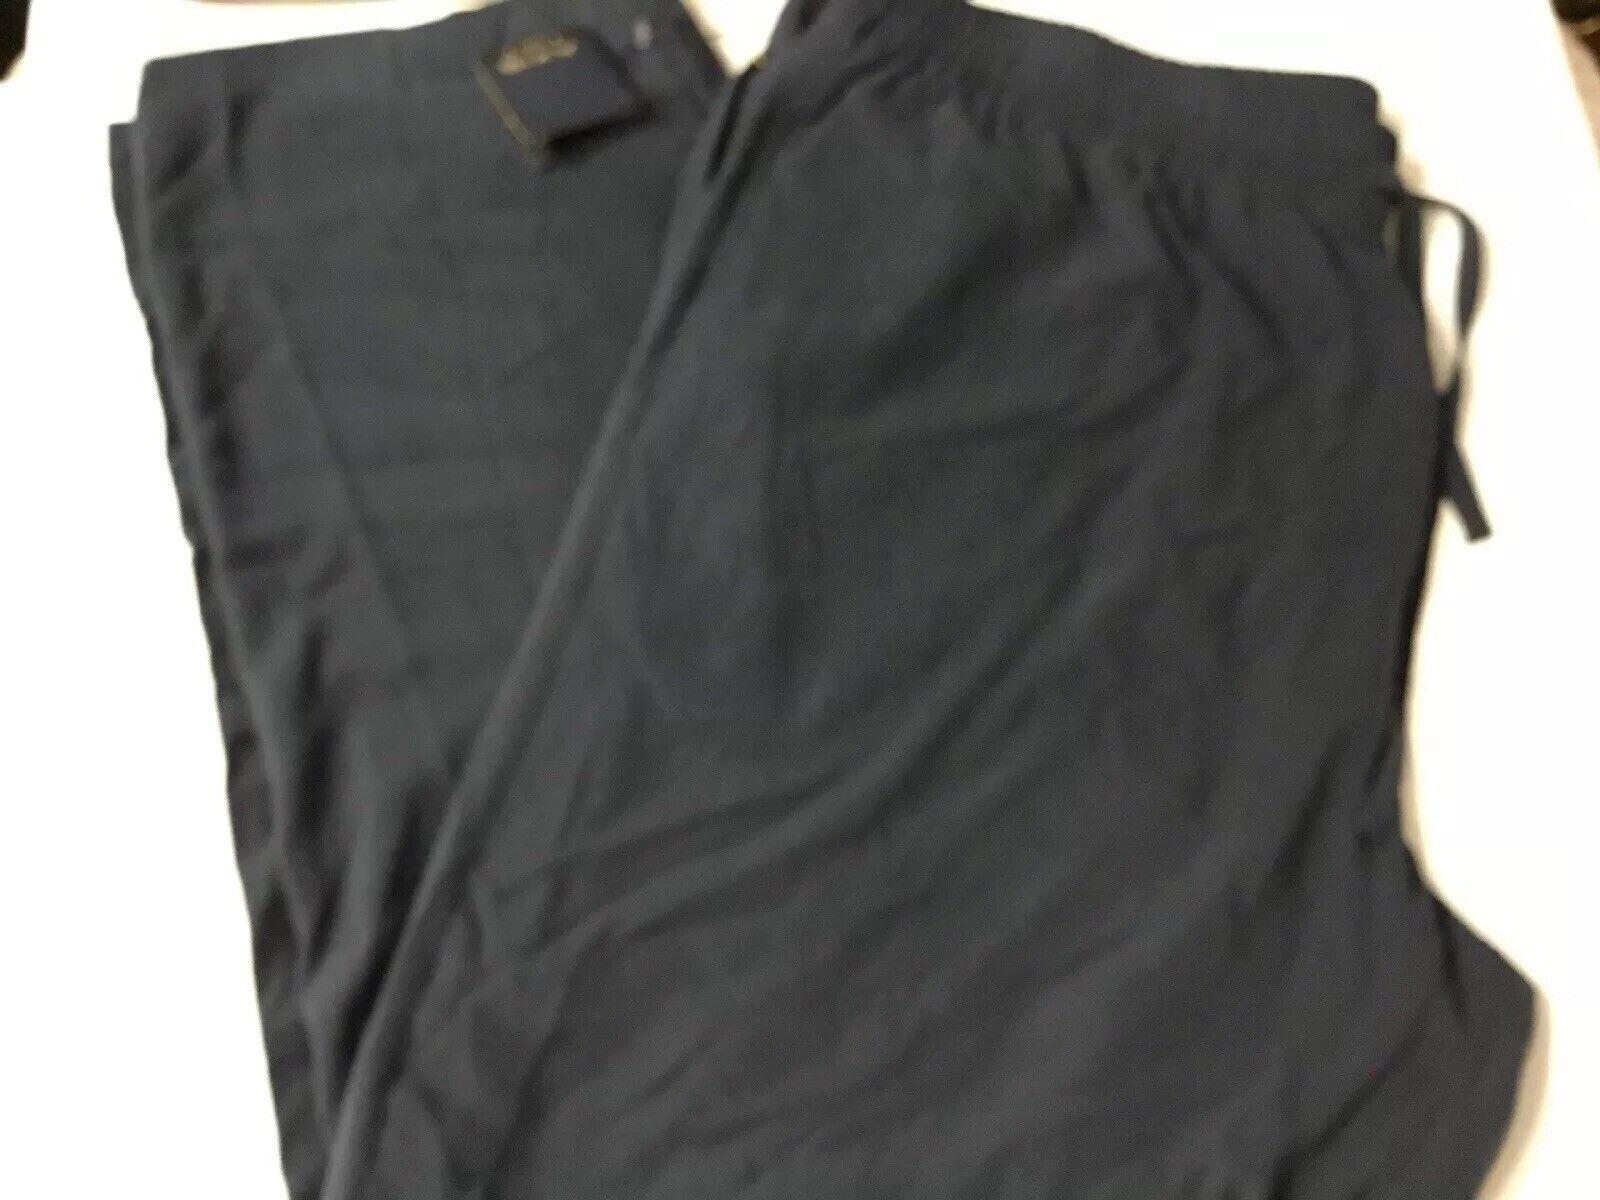 Axis LA Men's Drawstring waist Silk Lounge Pants, Size 3XB